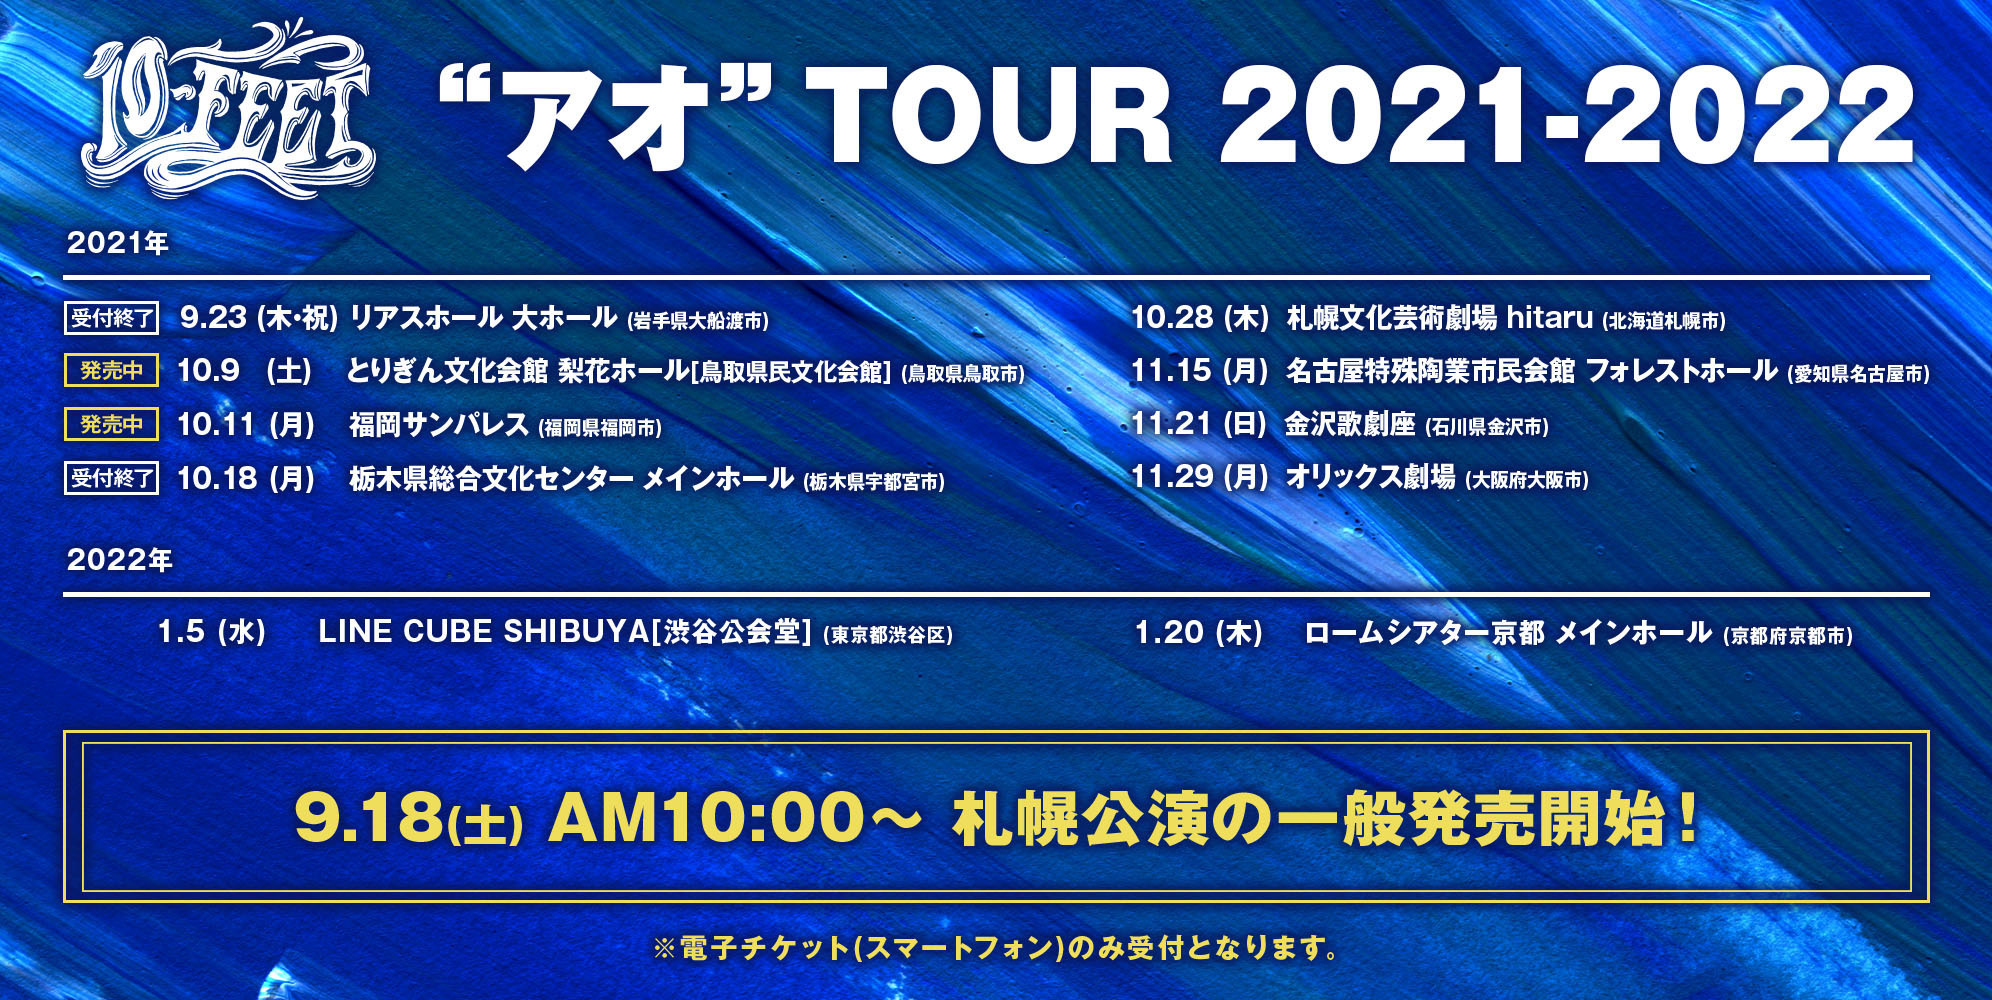 10feet_ao-tour2021_ippanpsd0918